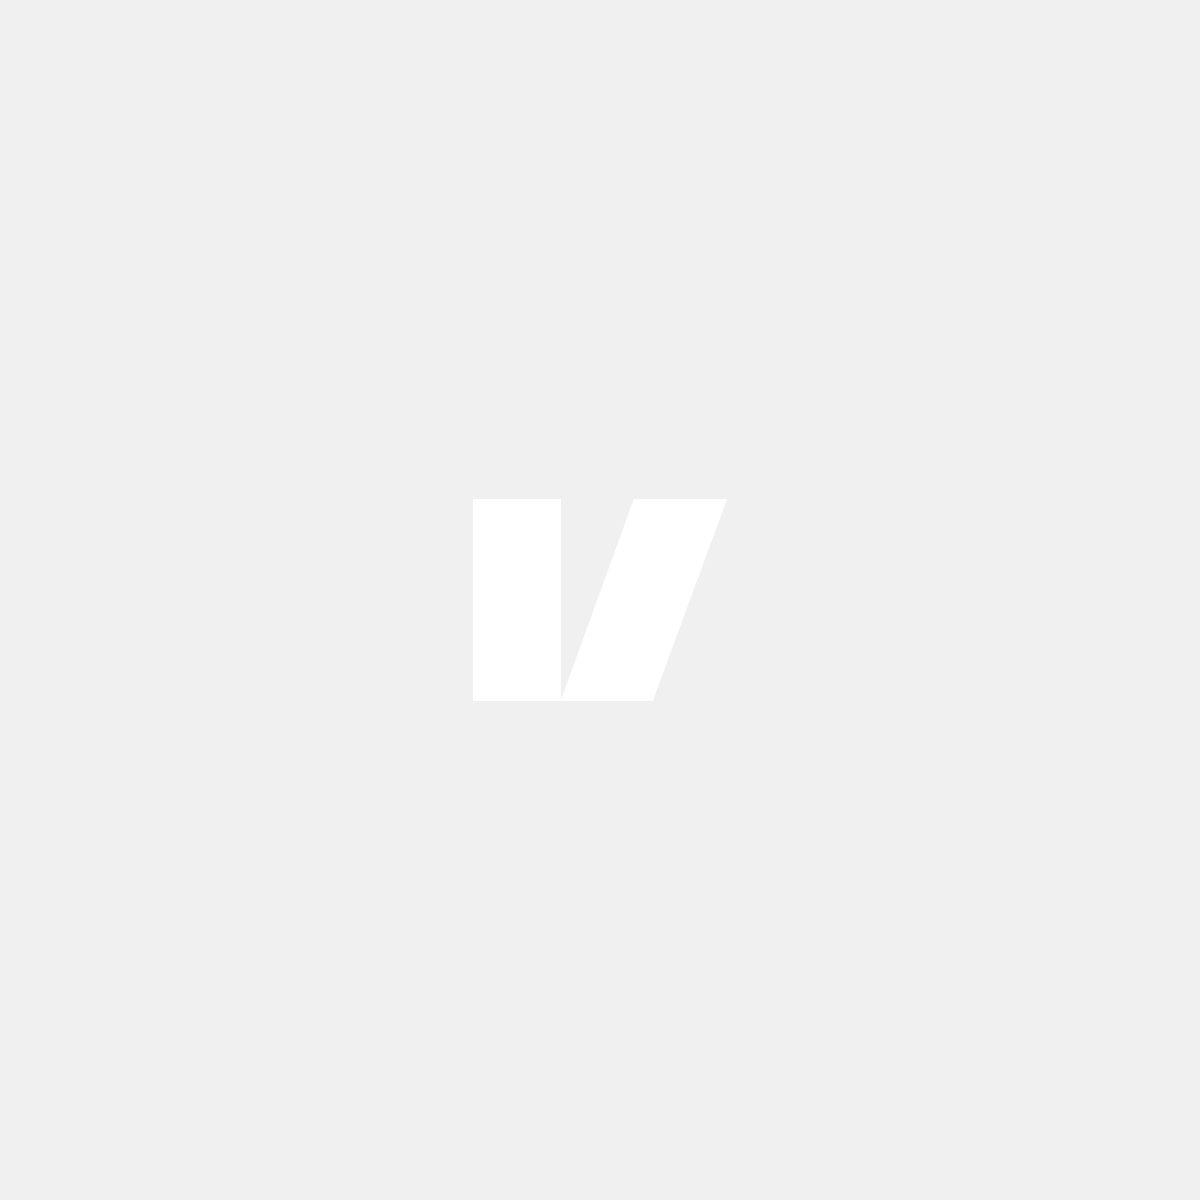 Takräcke / Lasthållare med vingprofil till Volvo XC70 00-07